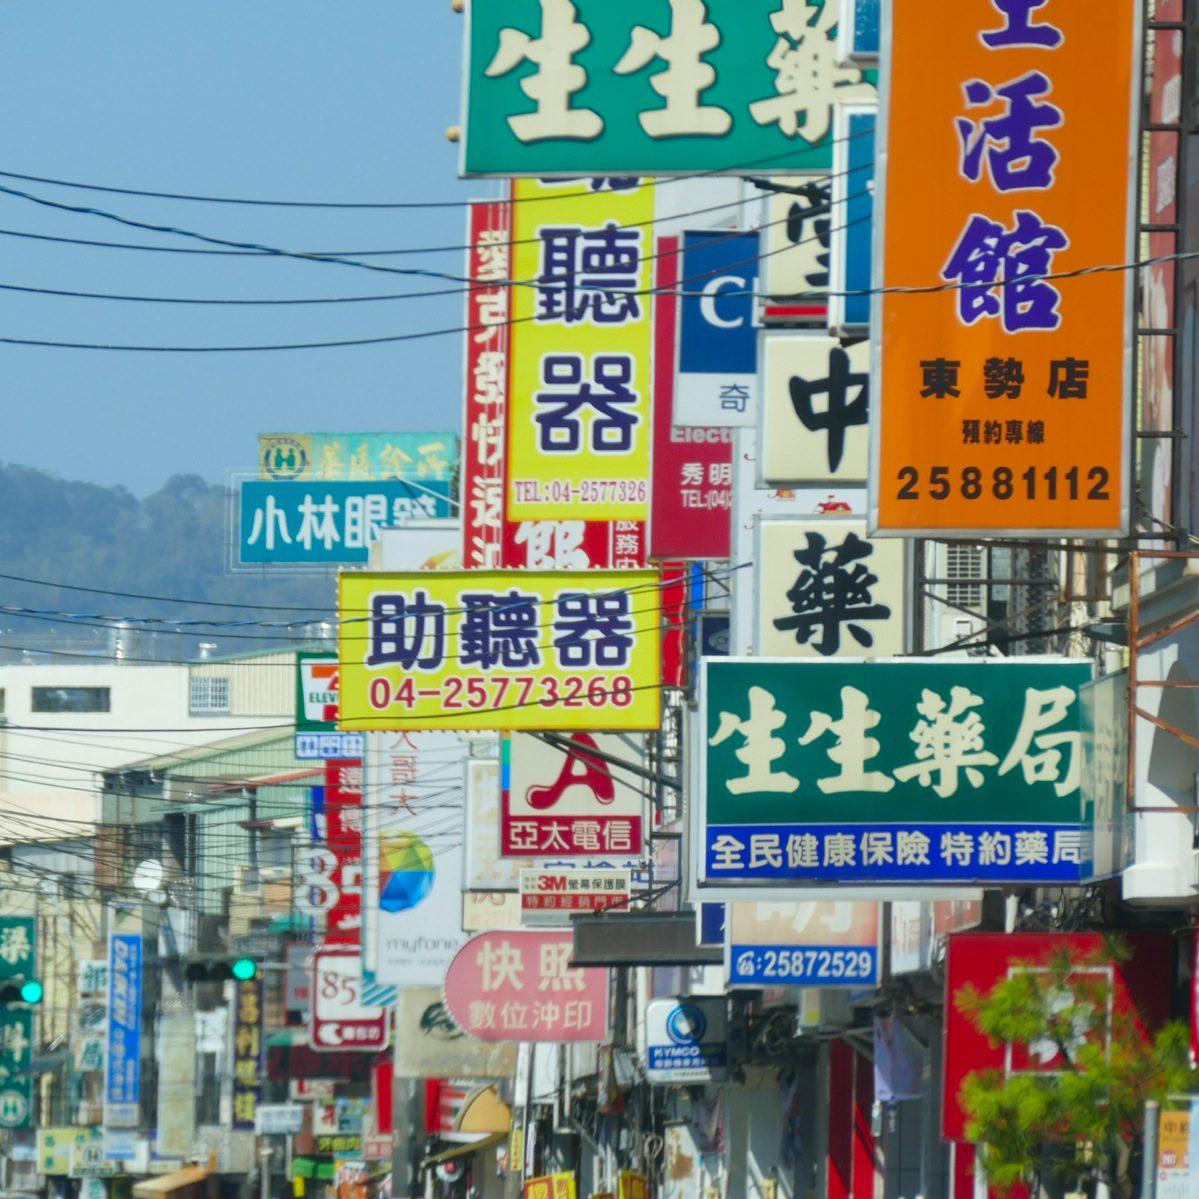 A typical street scene in Taiwan. Noah Strycker